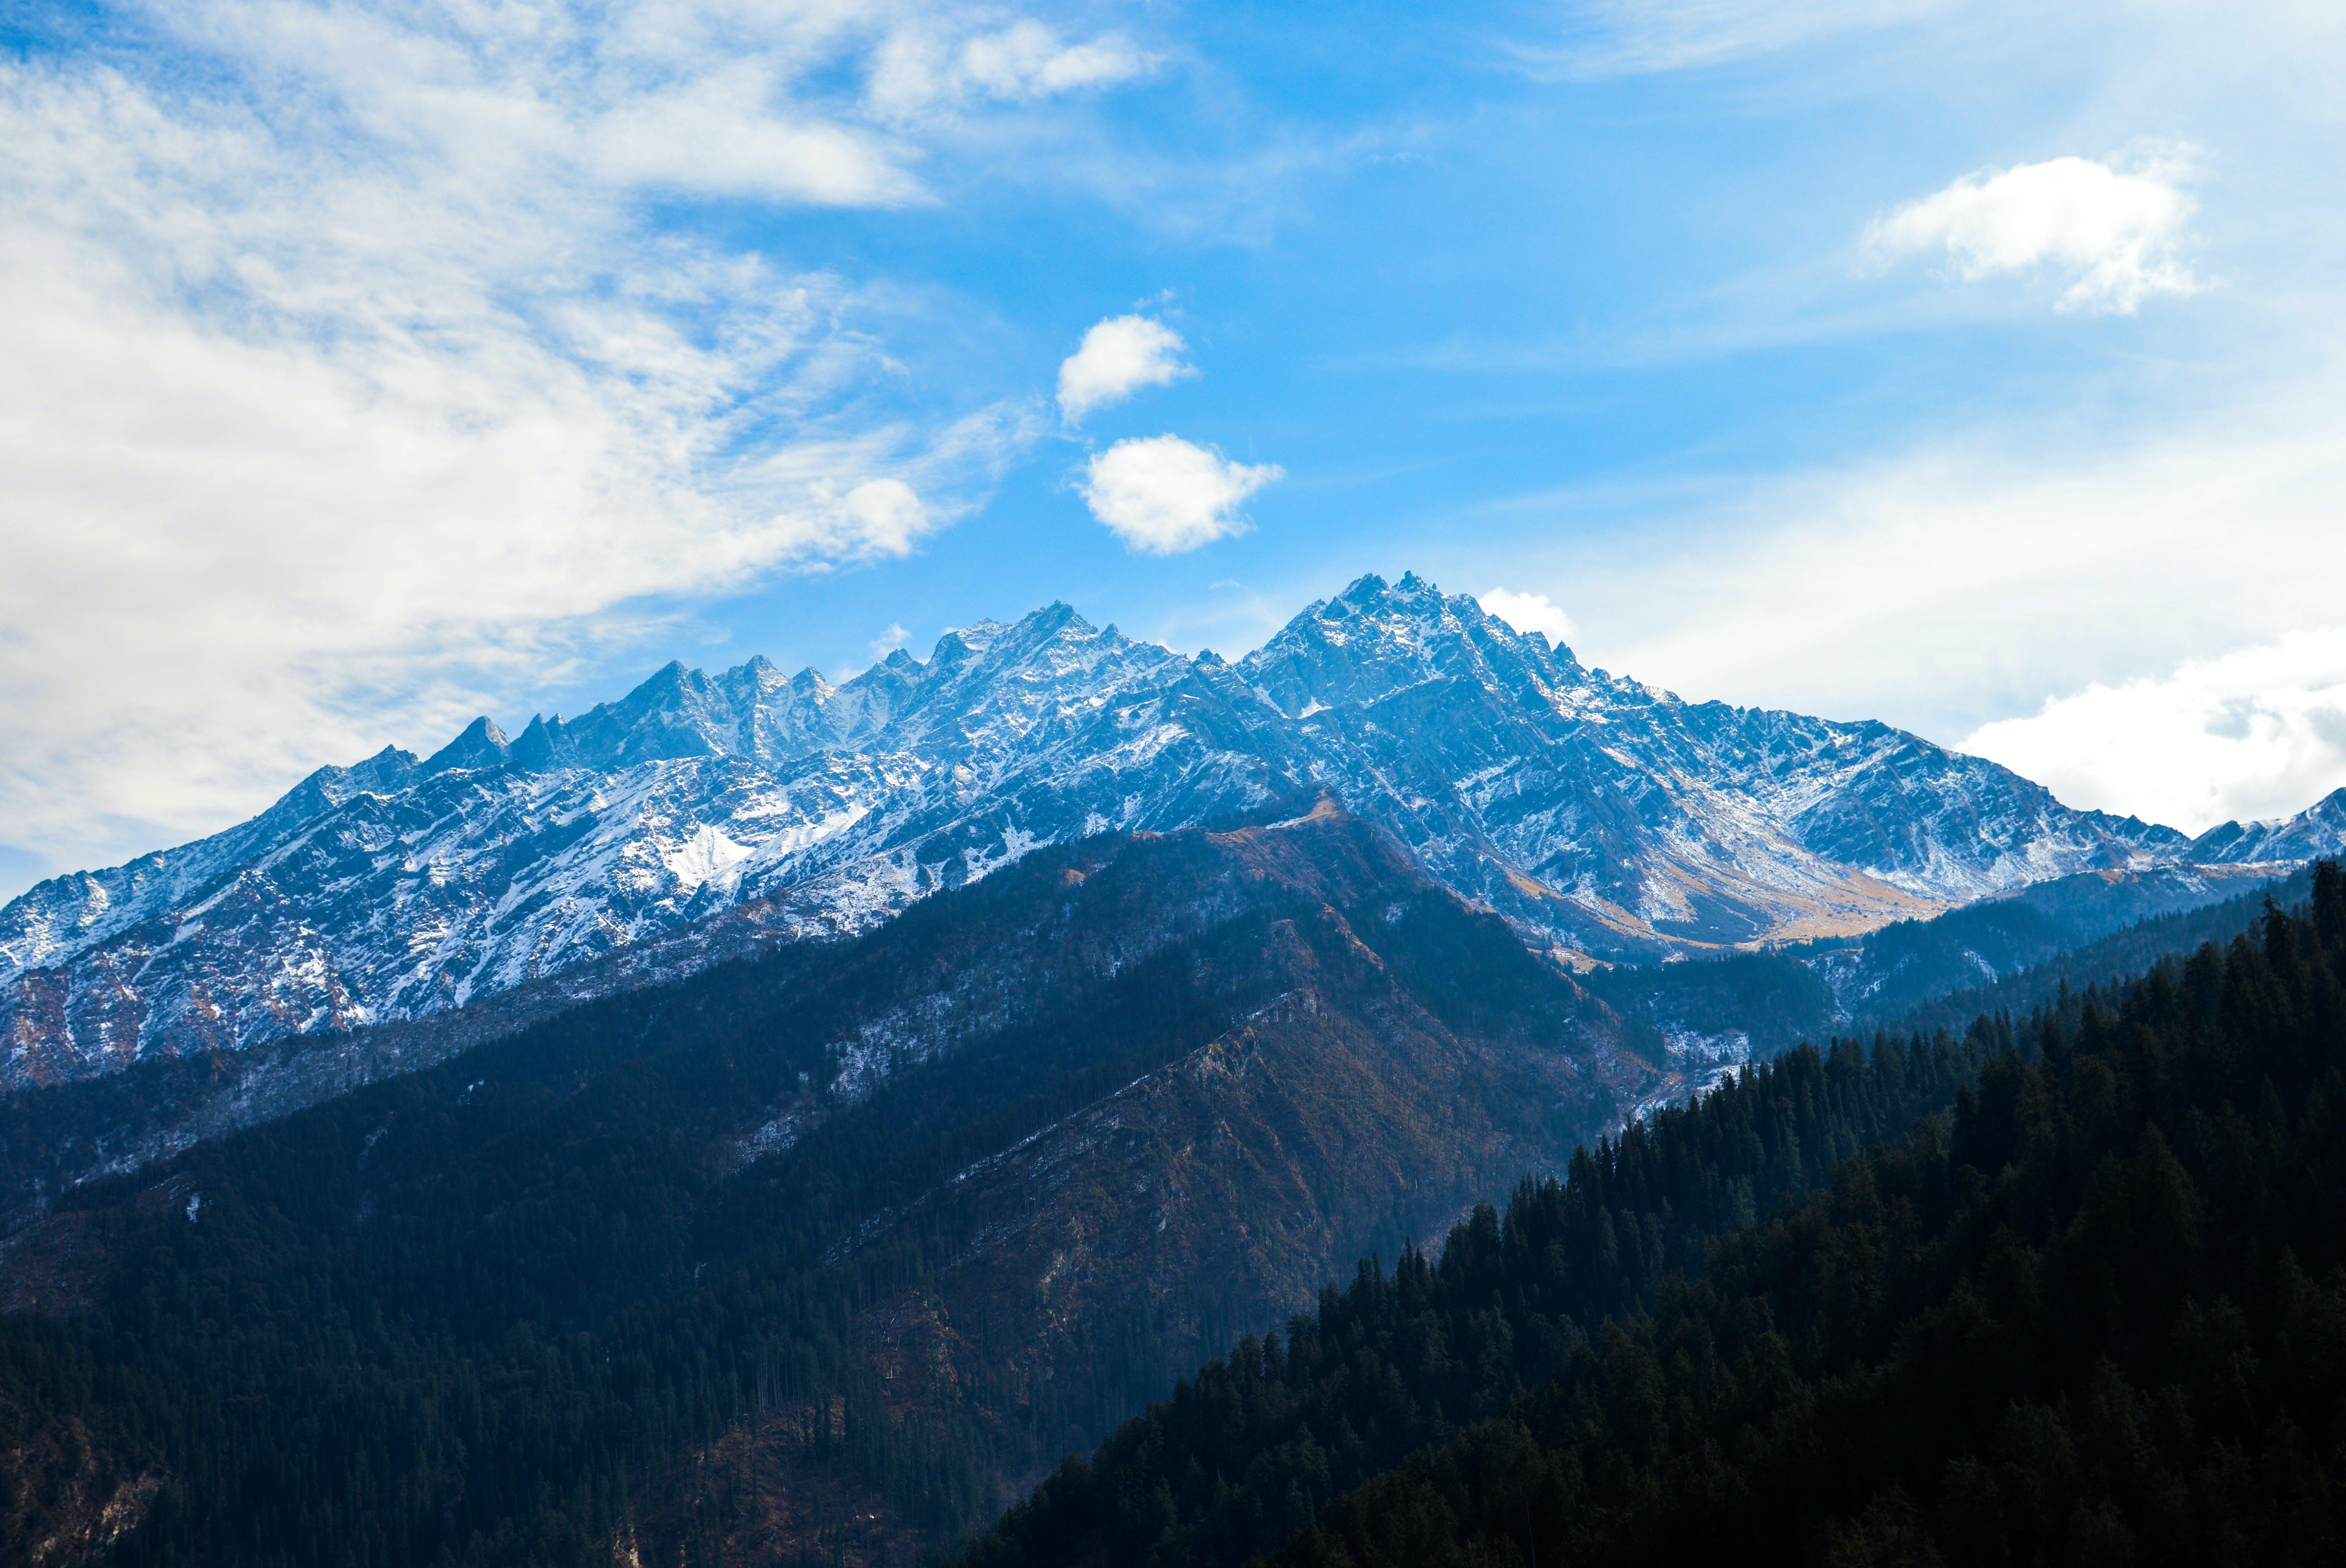 denní, denní světlo, horské vrcholy